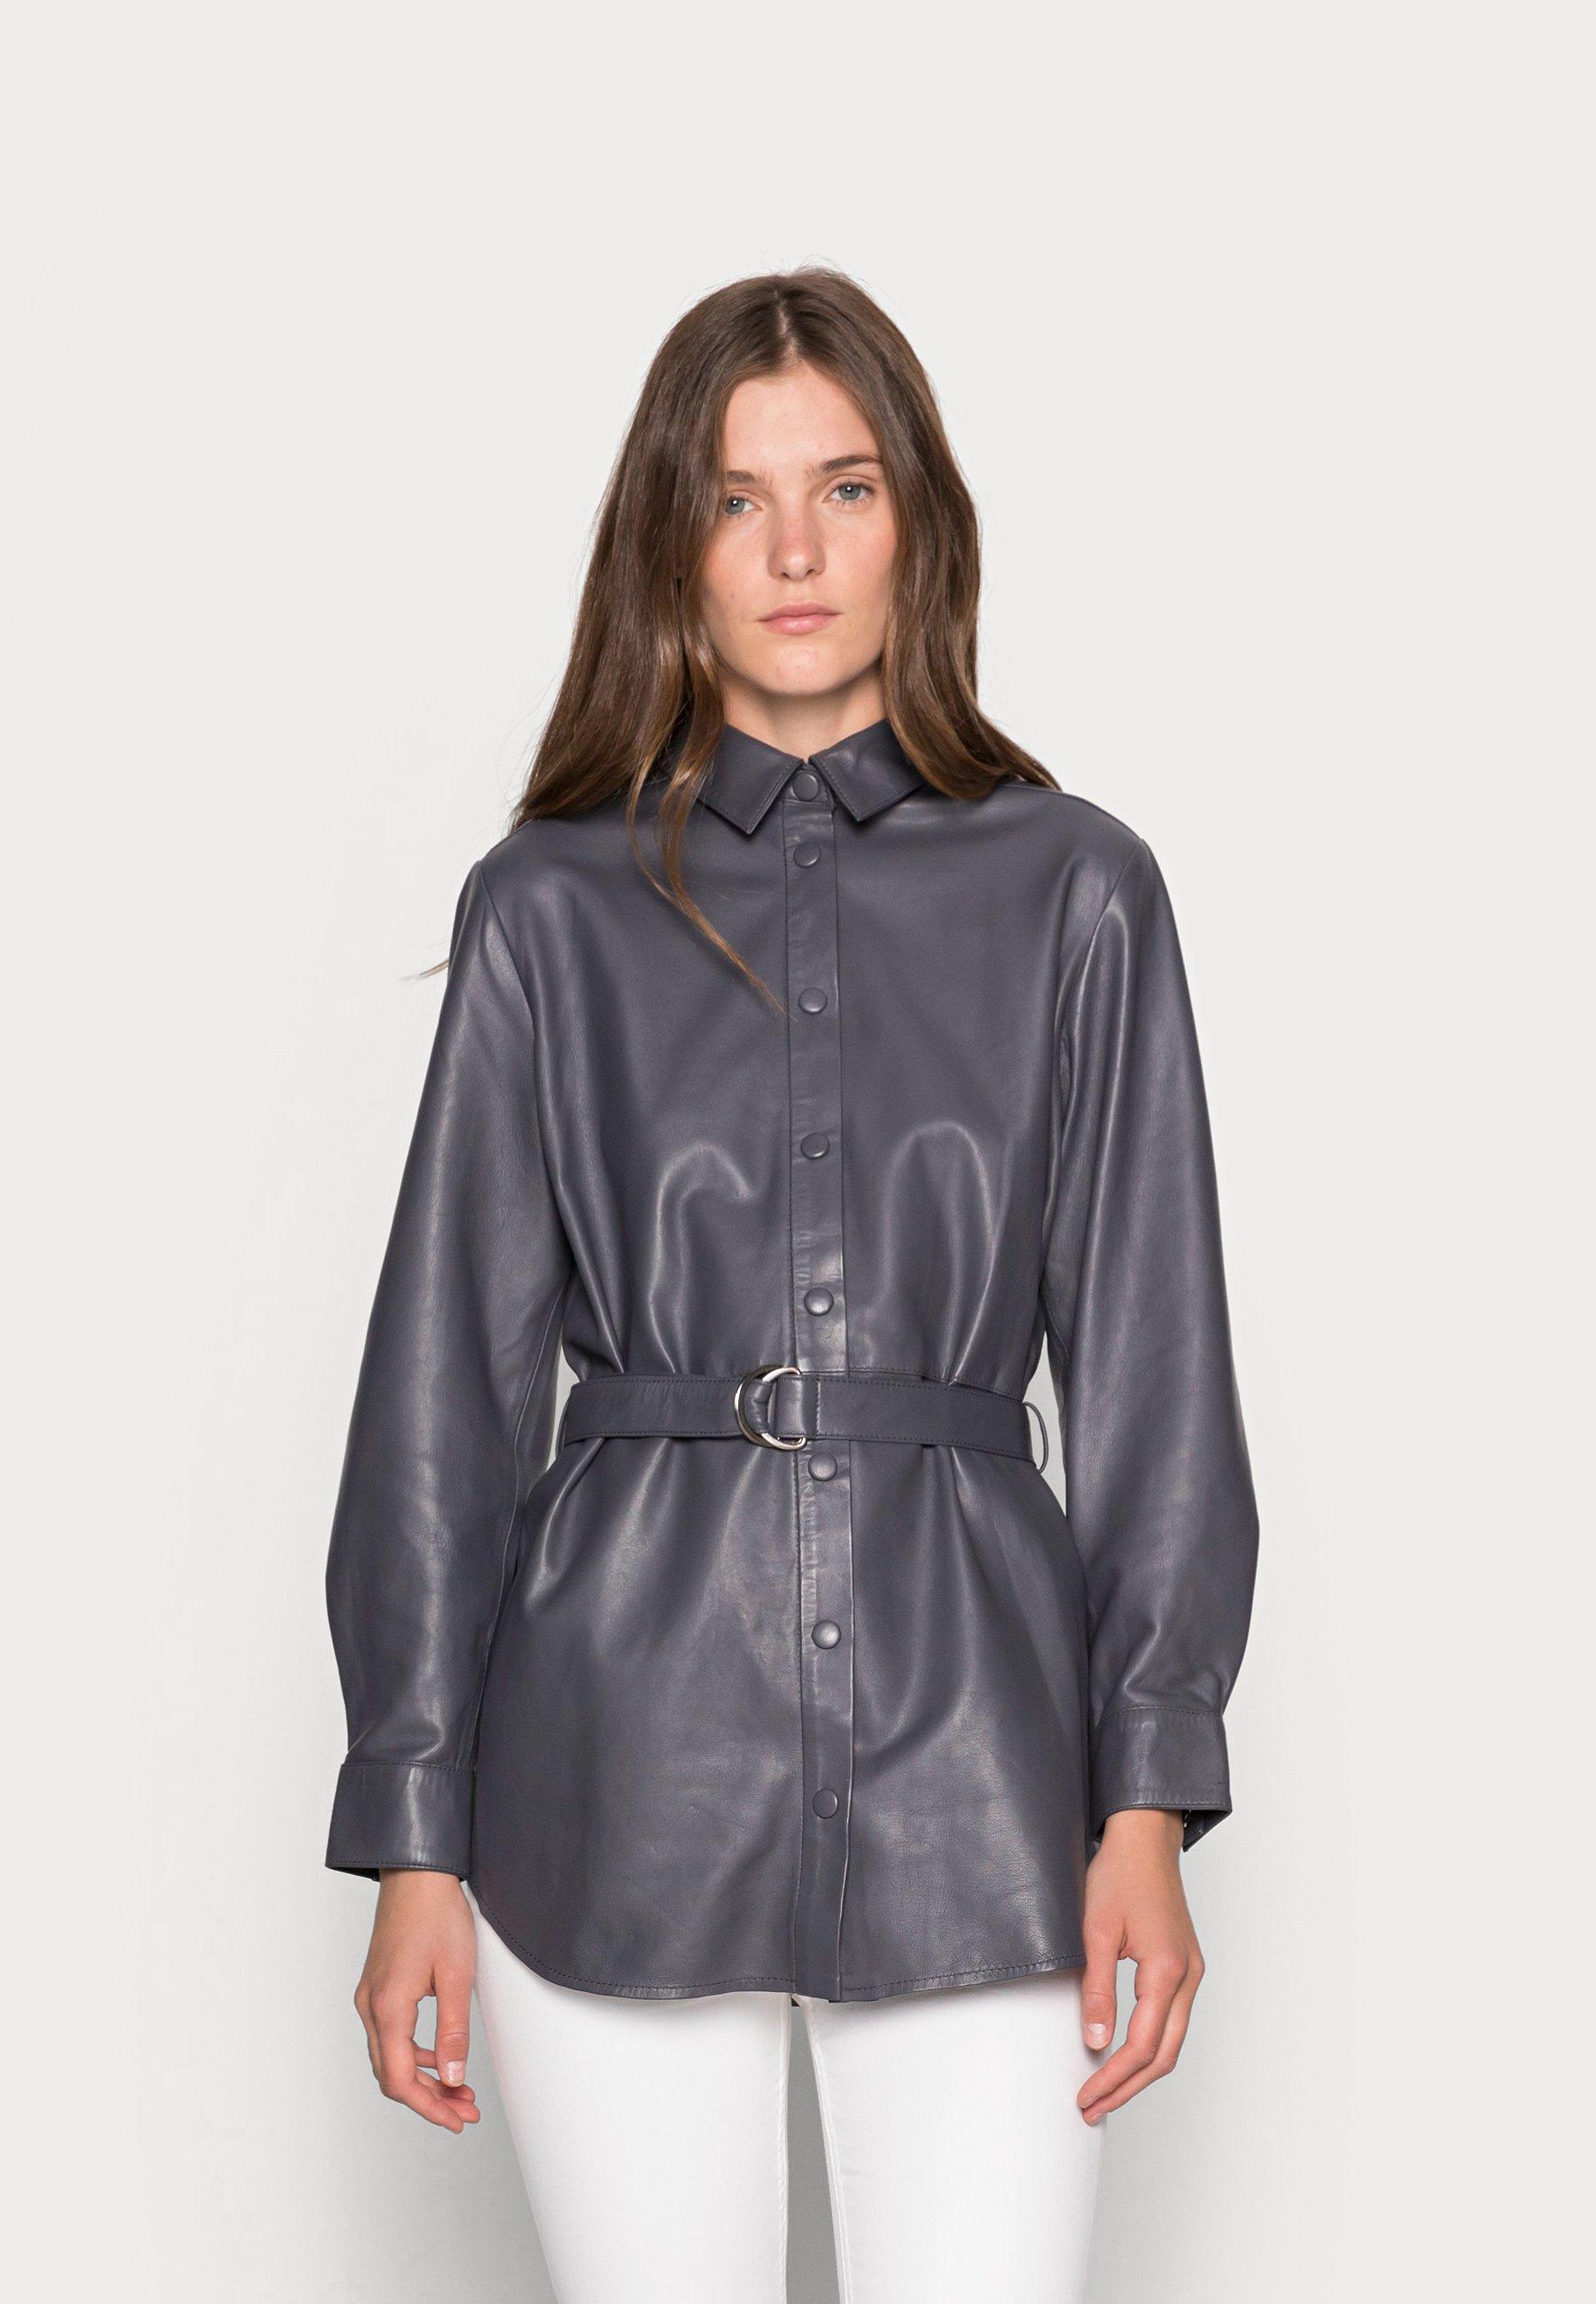 Femme ALUNA LEATHER - Veste en cuir